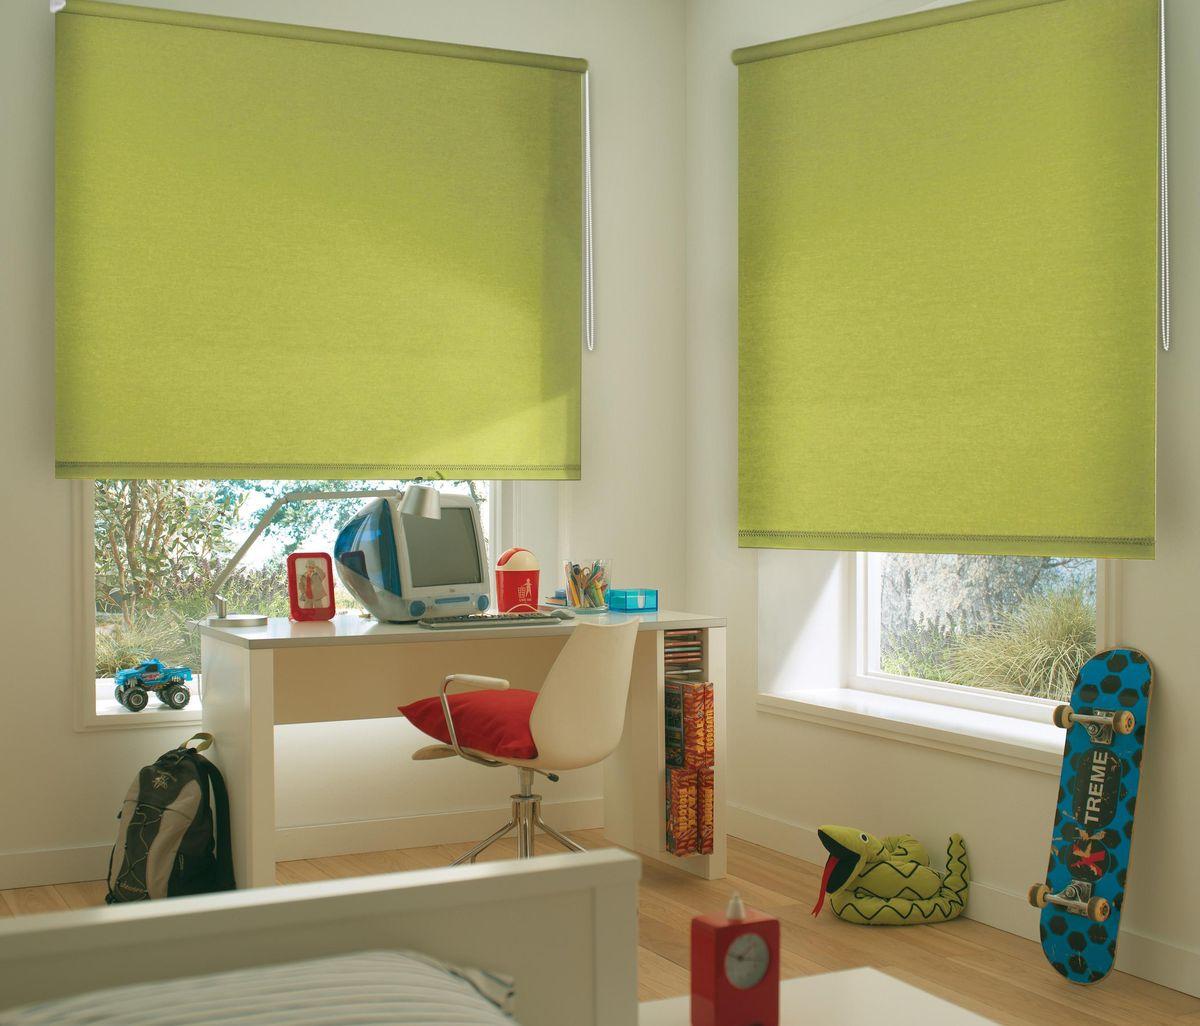 Штора рулонная Эскар, цвет: салатовый, ширина 80 см, высота 170 см81014080170Рулонными шторами можно оформлять окна как самостоятельно, так и использовать в комбинации с портьерами. Это поможет предотвратить выгорание дорогой ткани на солнце и соединит функционал рулонных с красотой навесных. Преимущества применения рулонных штор для пластиковых окон: - имеют прекрасный внешний вид: многообразие и фактурность материала изделия отлично смотрятся в любом интерьере; - многофункциональны: есть возможность подобрать шторы способные эффективно защитить комнату от солнца, при этом о на не будет слишком темной. - Есть возможность осуществить быстрый монтаж. ВНИМАНИЕ! Размеры ширины изделия указаны по ширине ткани! Во время эксплуатации не рекомендуется полностью разматывать рулон, чтобы не оторвать ткань от намоточного вала. В случае загрязнения поверхности ткани, чистку шторы проводят одним из способов, в зависимости от типа загрязнения: легкое поверхностное загрязнение можно удалить при помощи...